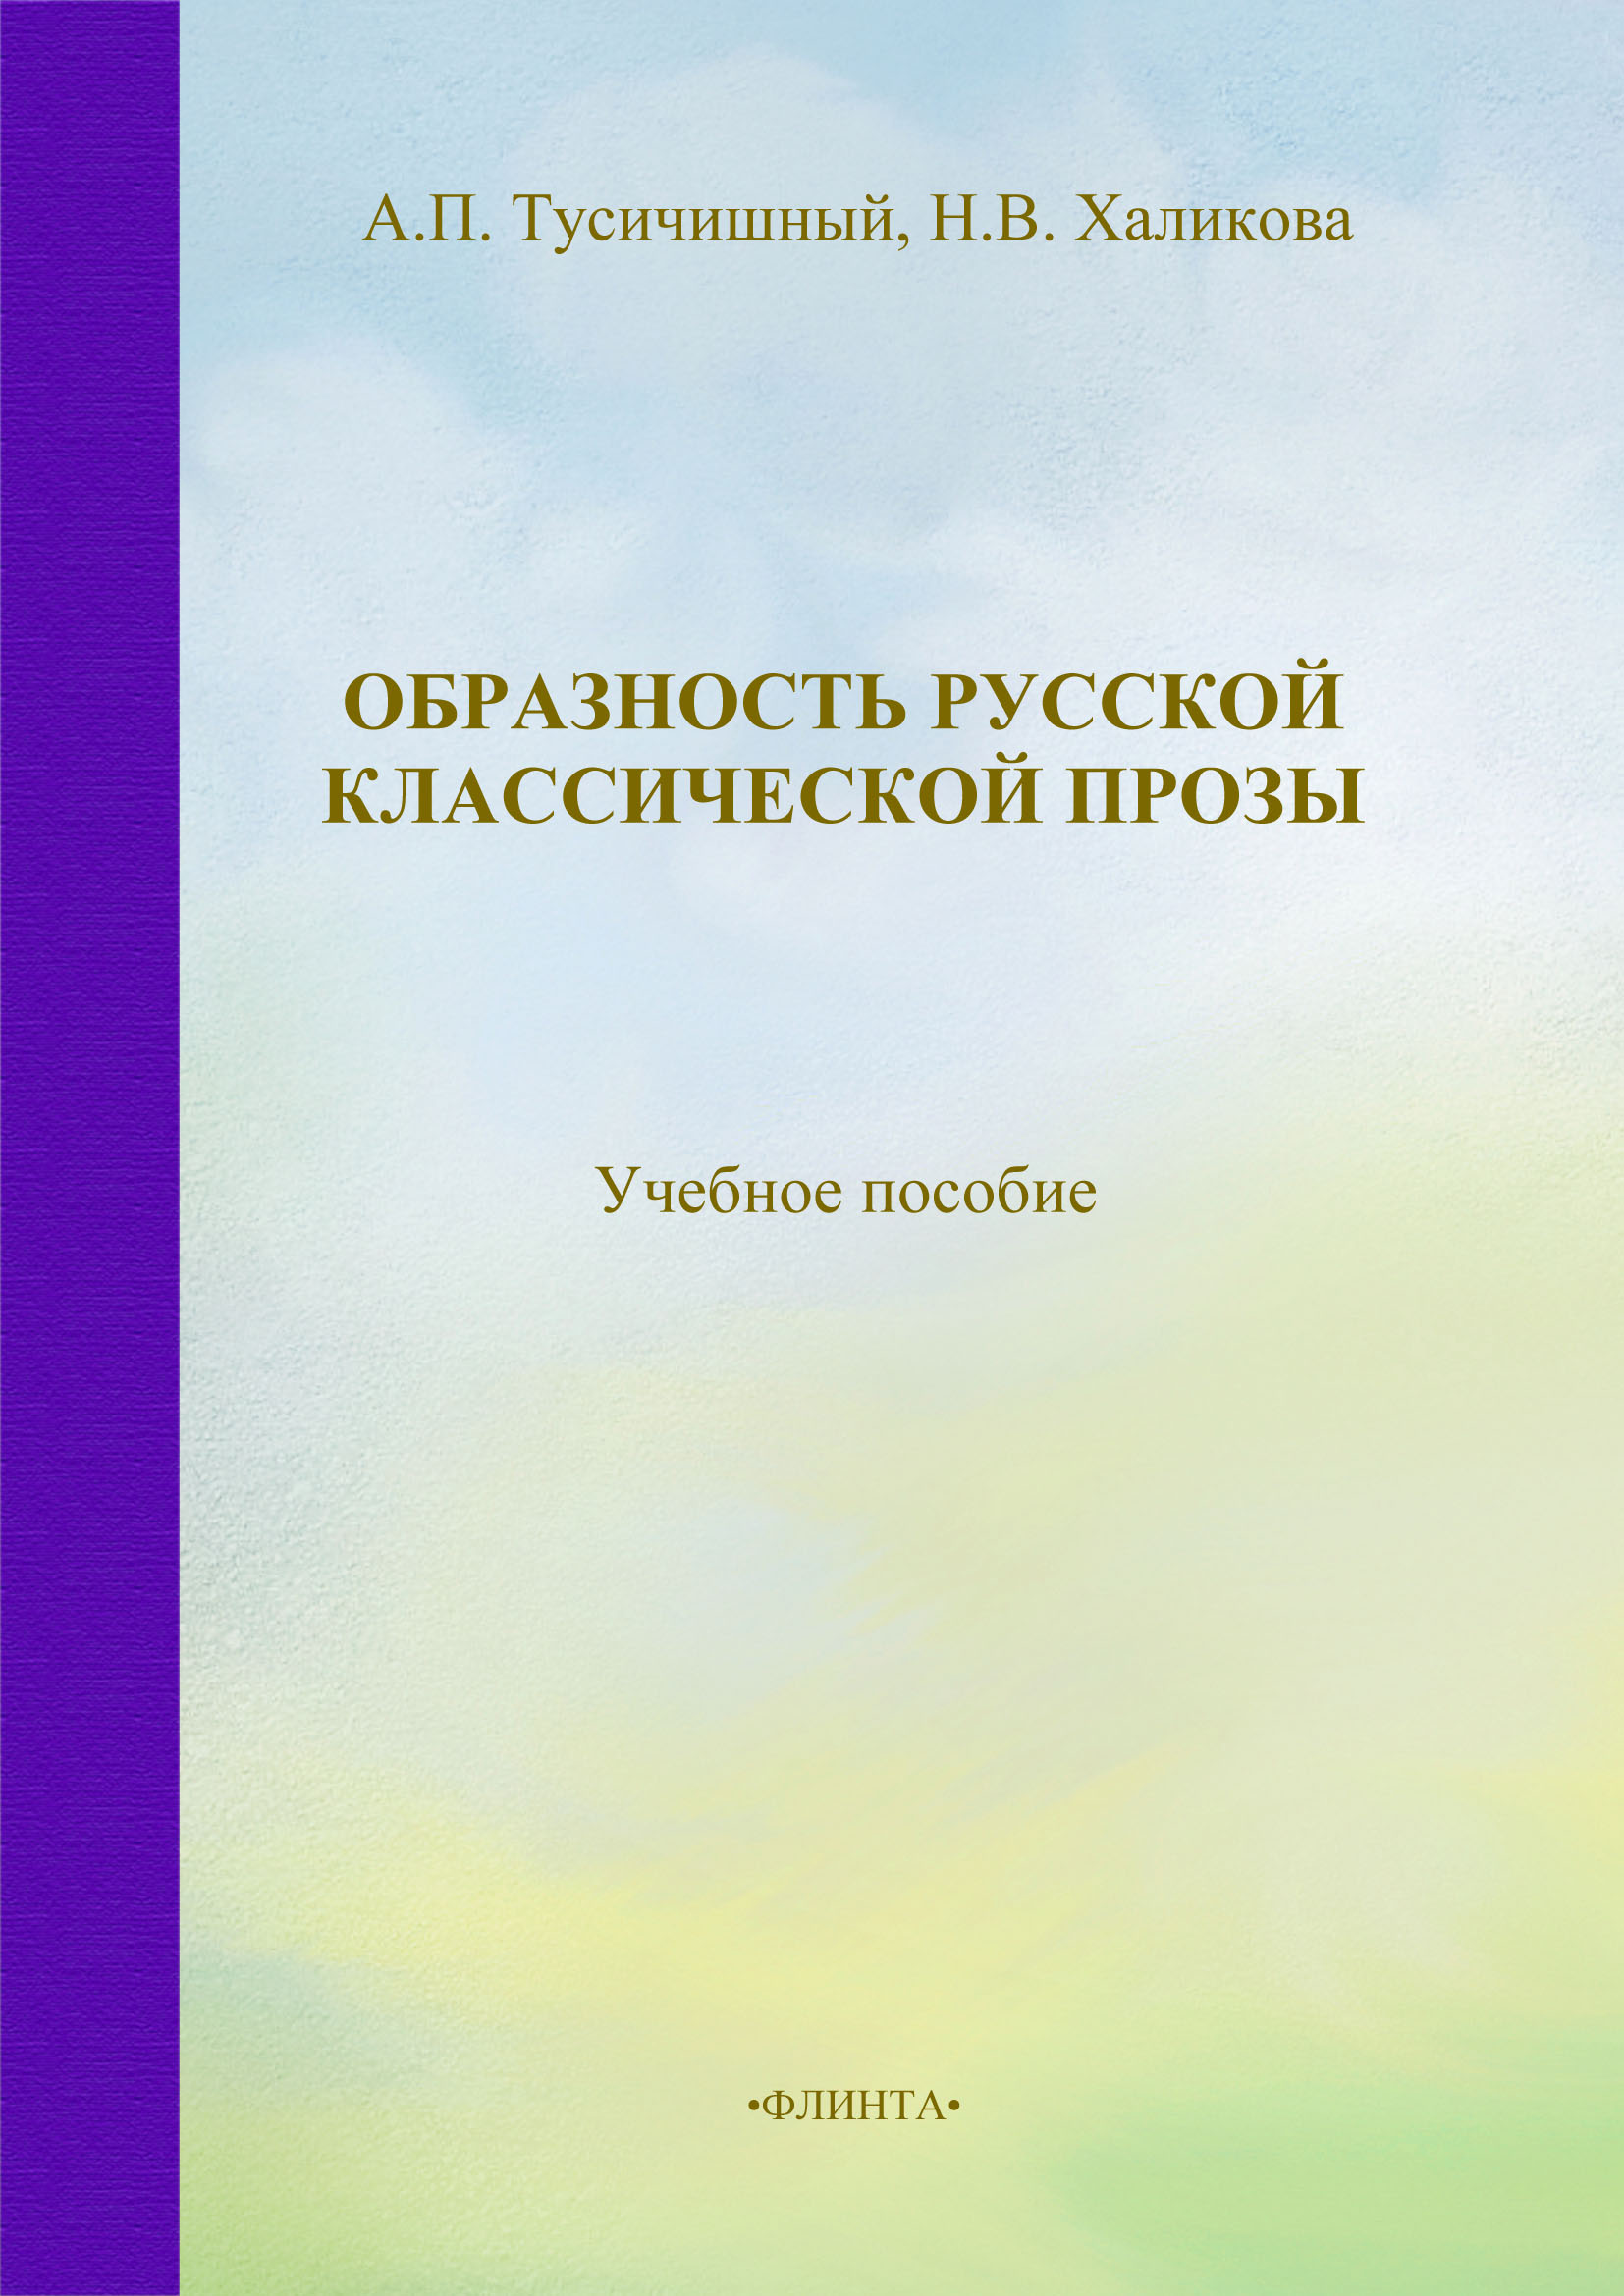 цена на А. П. Тусичишный Образность русской классической прозы. Учебное пособие